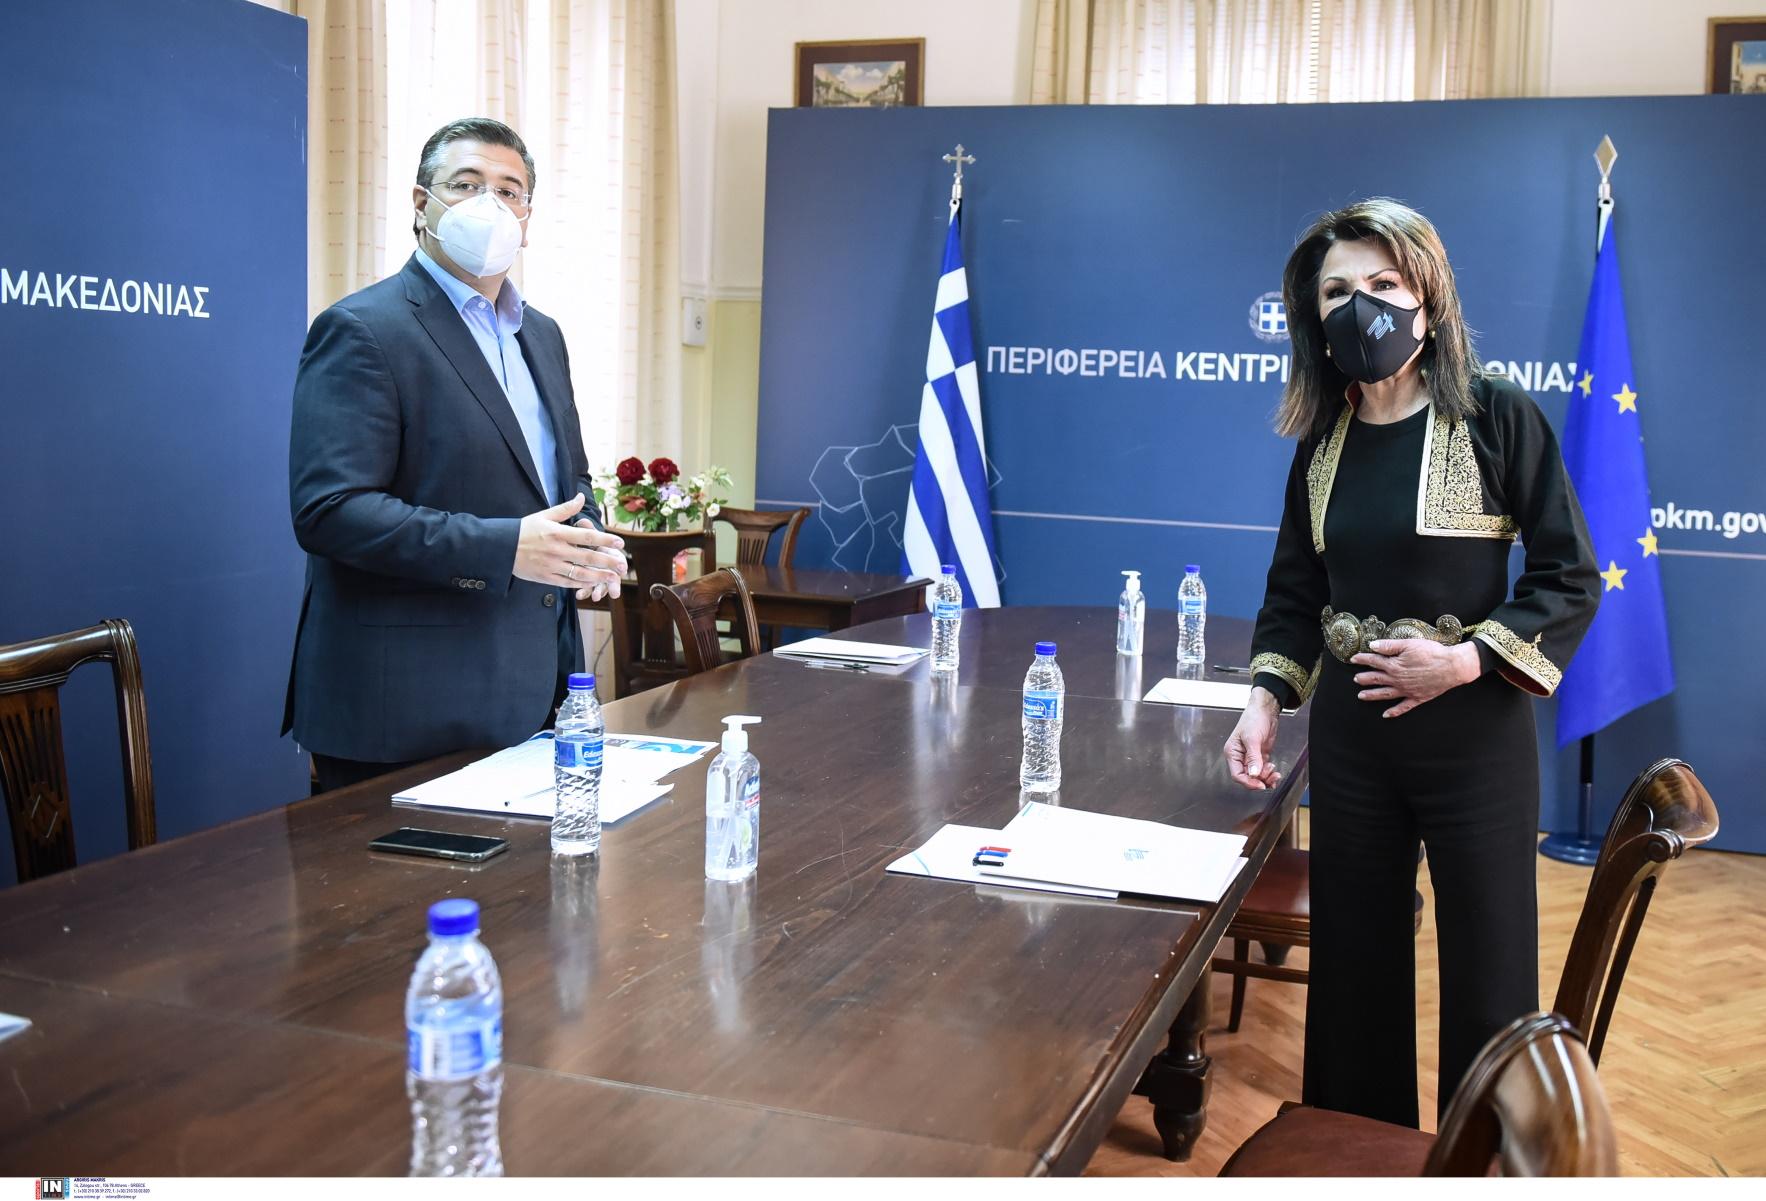 Γιάννα Αγγελοπούλου: Με παραδοσιακό γιλέκο και πόρπη Μακεδονίας στον Τζιτζικώστα μονοπώλησε τα φλας (pics, vid)